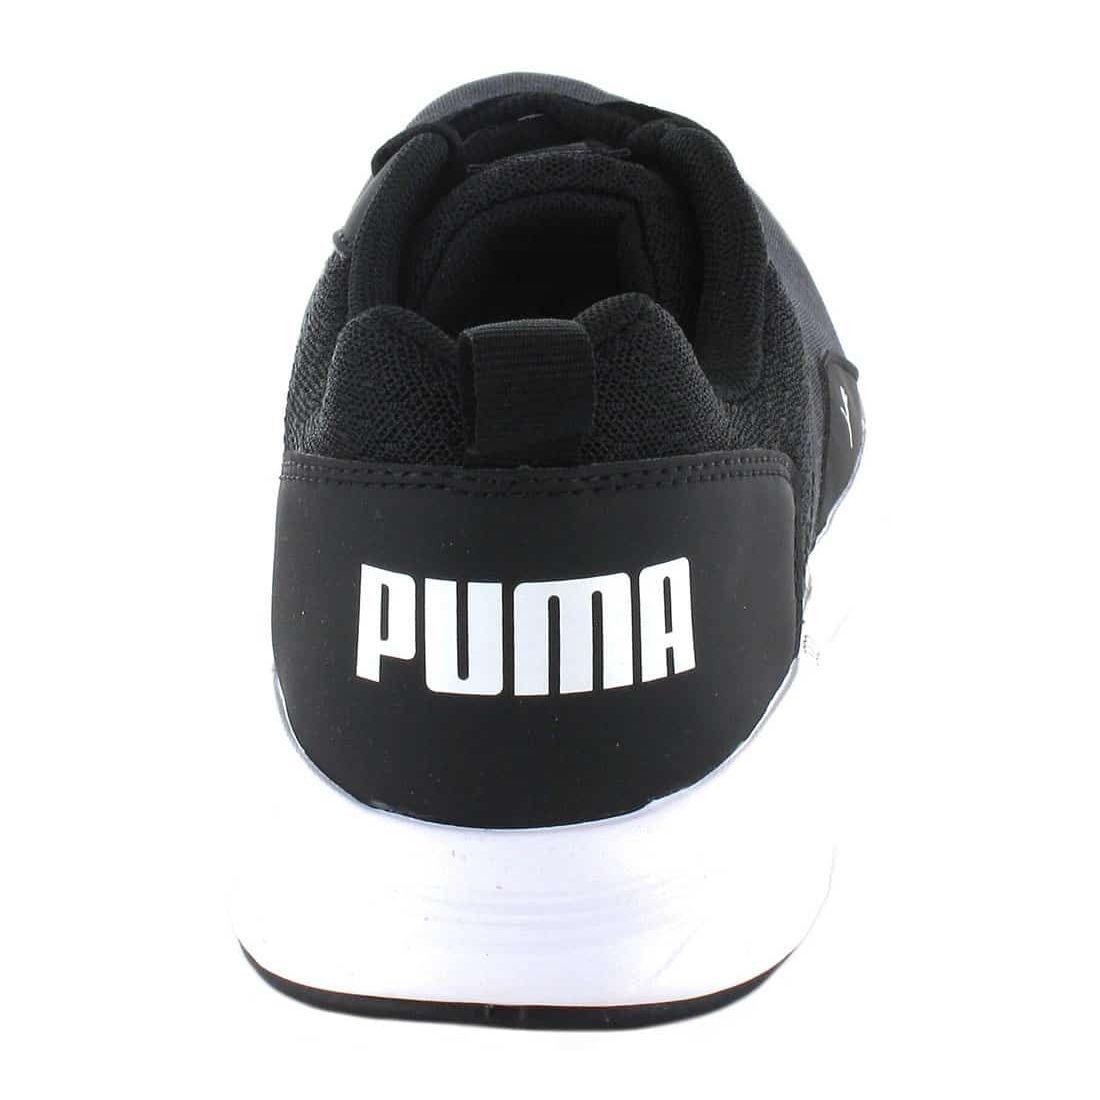 Puma NRGY Comète Noir Blanc